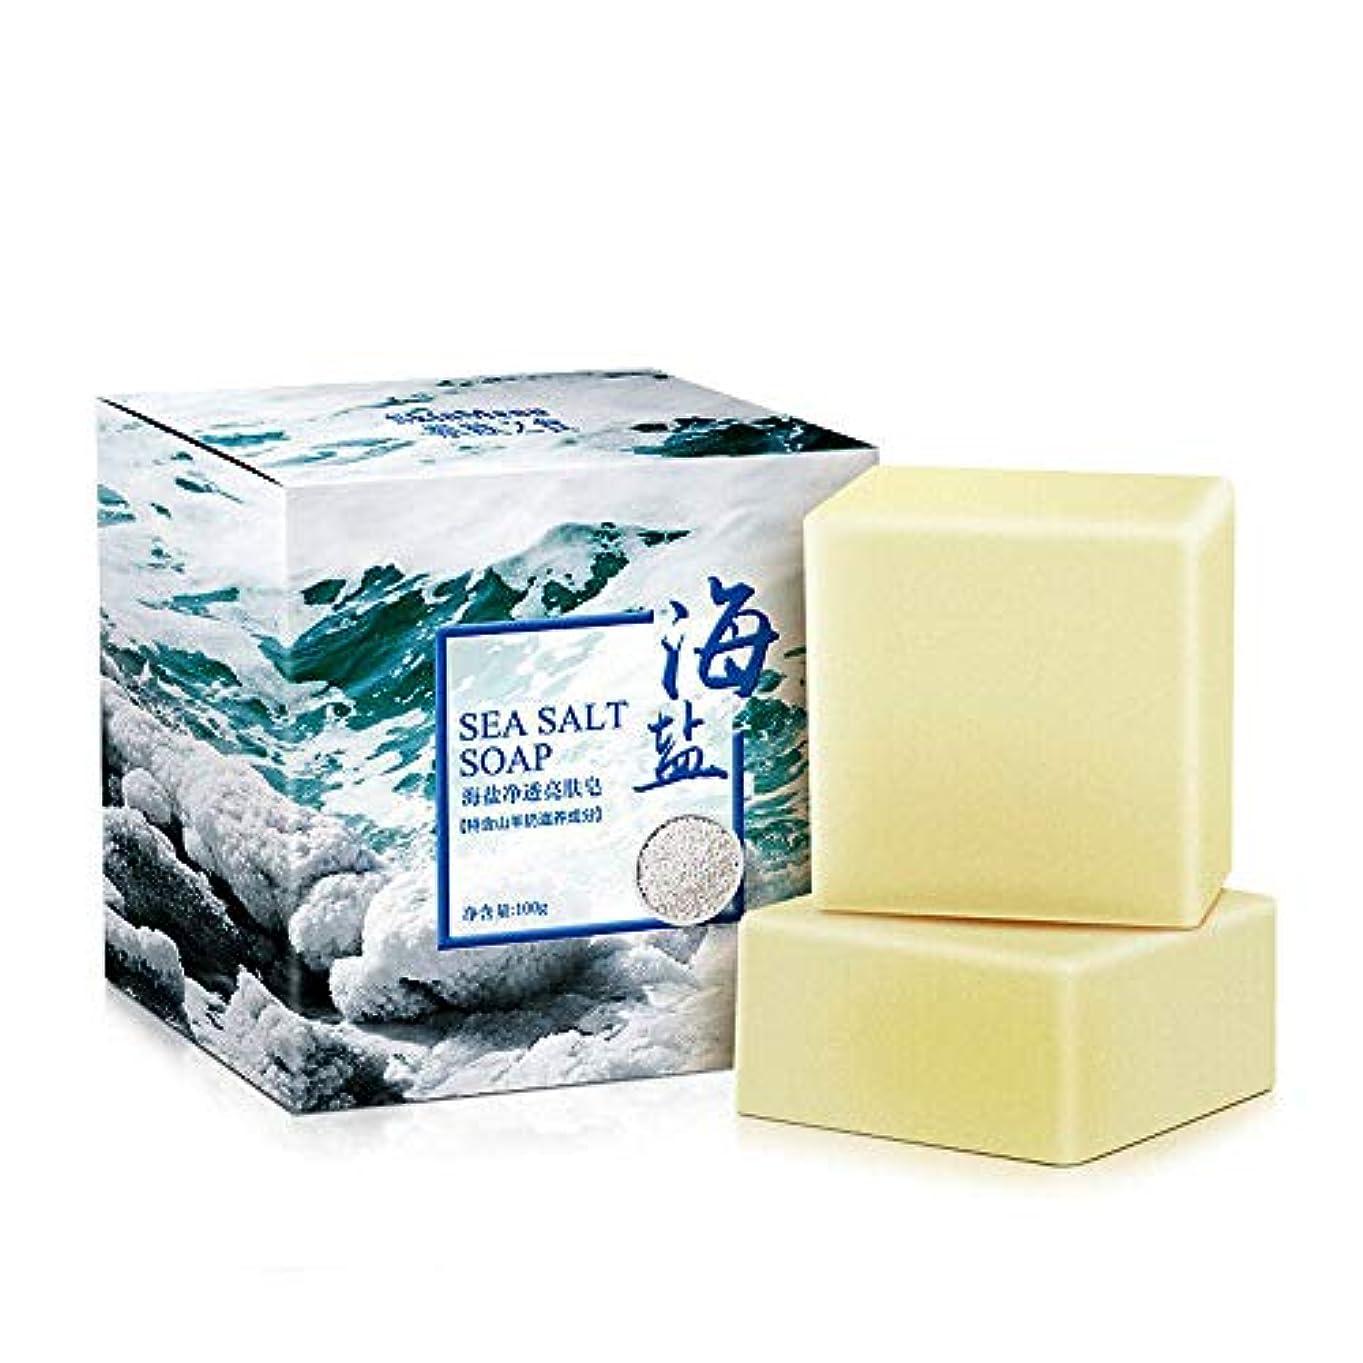 せっけん 石鹸 海塩 山羊乳 洗顔 ボディ用 浴用せっけん しっとり肌 植物性 無添加 白い 100g×1個入 (#2)